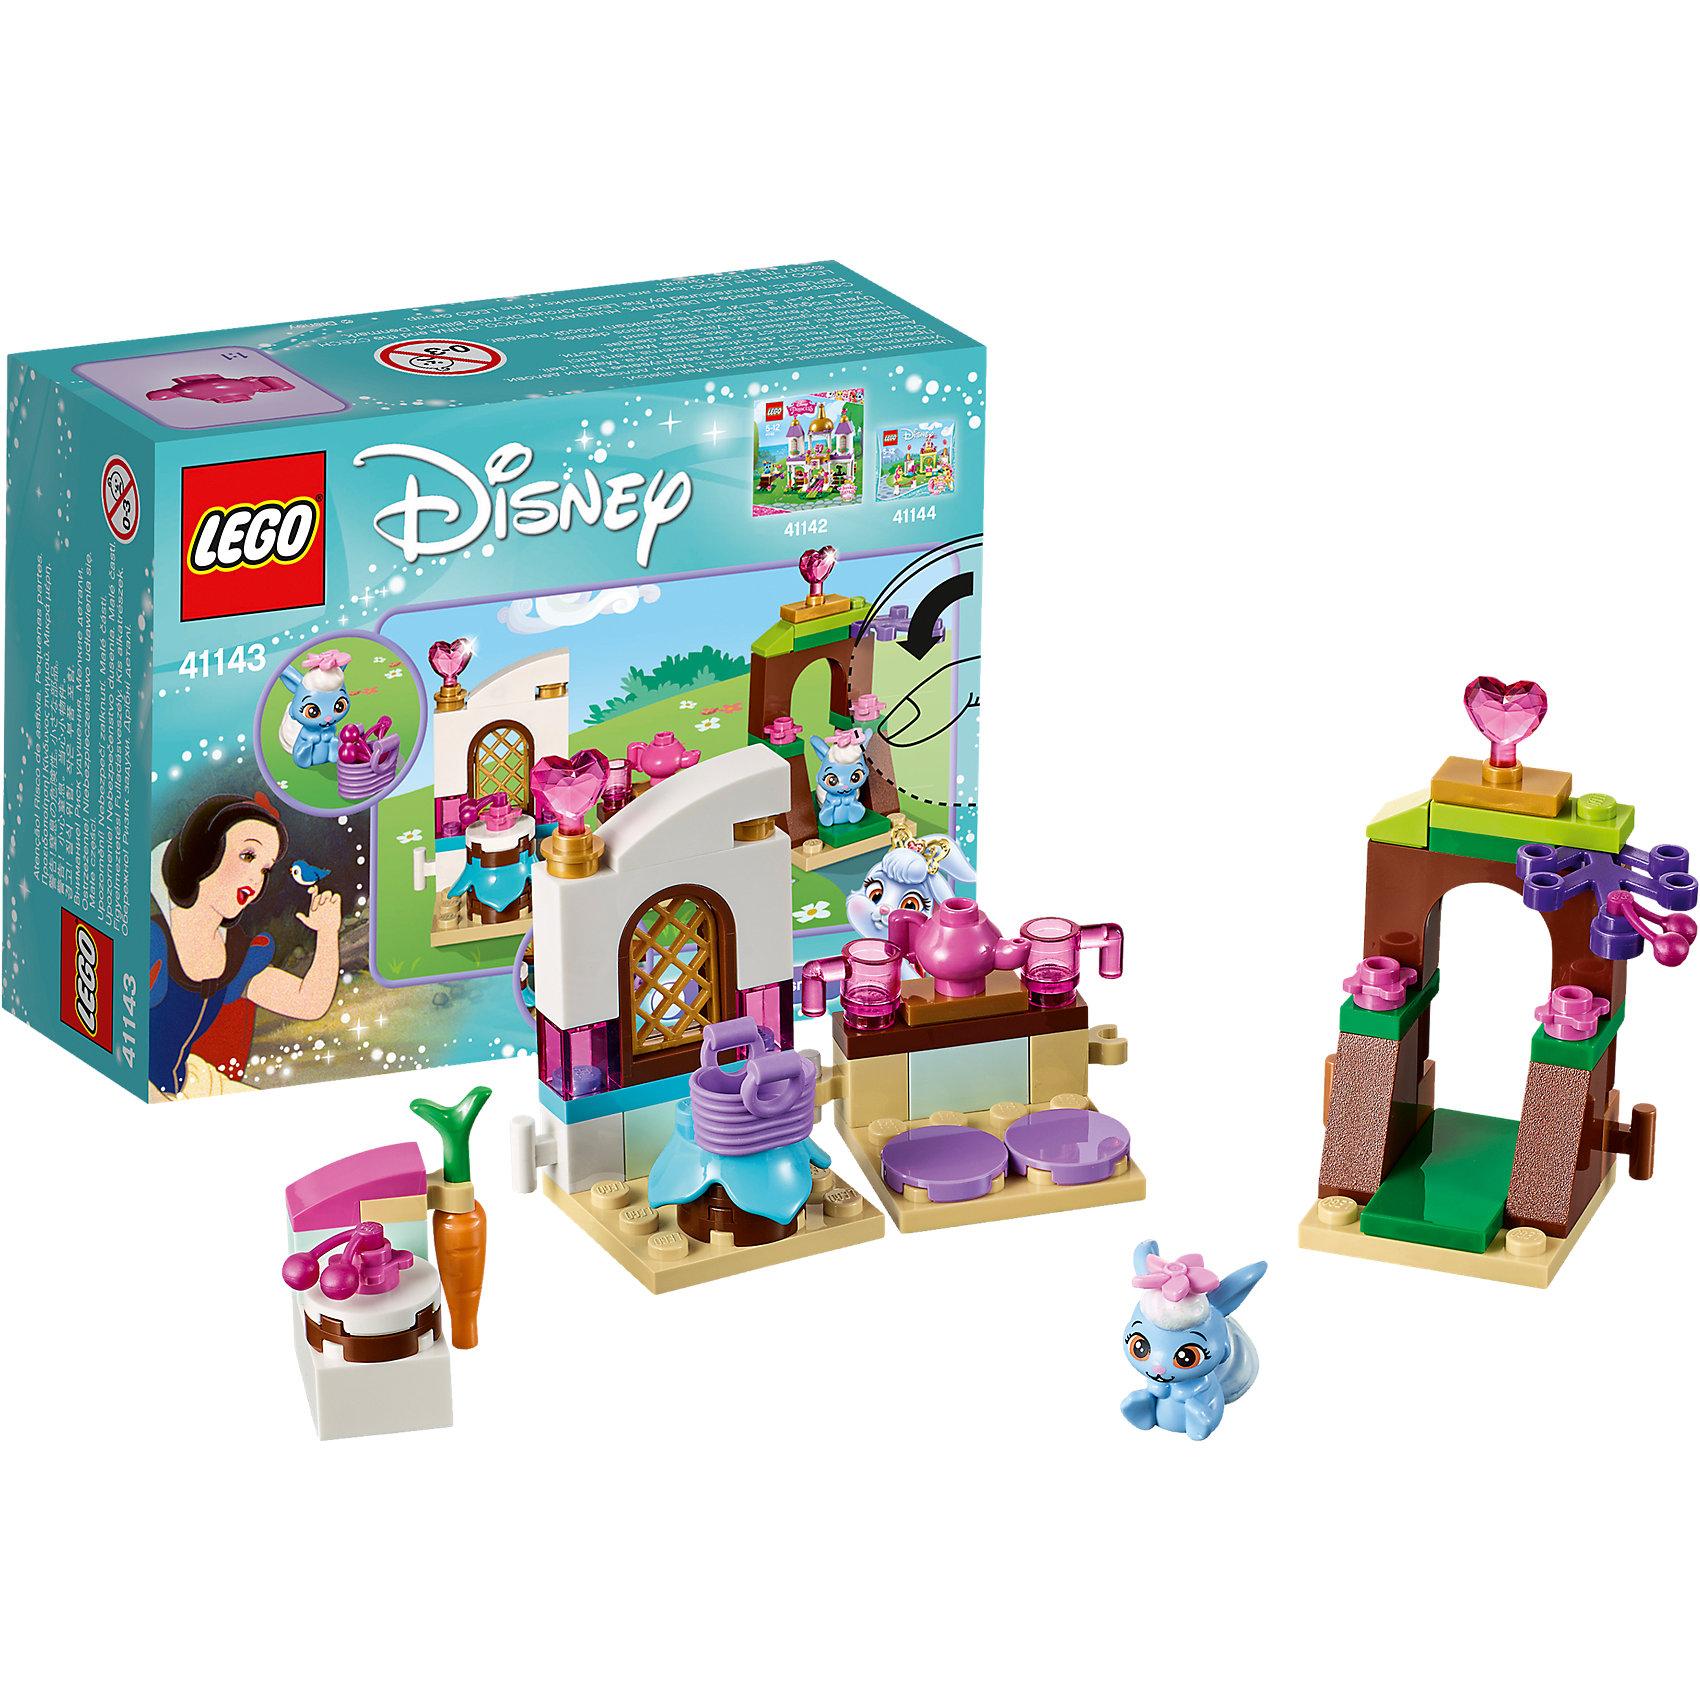 LEGO Disney Princesses 41143: Кухня ЯгодкиLEGO Disney Princesses 41143: Кухня Ягодки<br><br>Характеристики:<br><br>- в набор входит: детали для кухни, фигурка Ягодки, аксессуары, красочная инструкция<br>- состав: пластик<br>- количество деталей: 61<br>- размер упаковки: 12 * 5 * 9 см.<br>- размер собранной кухни: 14 * 3 * 7 см.<br>- для детей в возрасте: от 5 до 12 лет<br>- Страна производитель: Дания/Китай/Чехия<br><br>Легендарный конструктор LEGO (ЛЕГО) представляет серию «Disney Princesses» (Принцессы Диснея) в которую входят наборы конструкторов о принцессах и героях из мультфильмов компании Дисней. С помощью конструкторов можно строить окружение любимых персонажей своими руками, а потом играть с ними. Любимый крольчонок Белоснежки по имени Ягодка просто обожает готовить! Набор Кухня Ягодки из цикла «Королевские питомцы» (Palace Pets) отлично отразил все необходимые элементы, которые Ягодка использовала для приготовлений десертов на своей лесной чайной вечеринки. Модульная кухня включает в себя небольшую барную стойку для завтраков с двумя сиденьями. Белый столик для готовки оснащен держателем для морковки. На вишневых воротах растут прекрасные вишенки, которые отлично подойдут для пирога Ягодки, она соберет их в свою маленькую корзинку. Очаровательная фигурка крольчонка может двигать головой. В набор включены аксессуары для чаепития: чайник, две чашки, торт, вишенки. Сам набор может быть соединен с другими наборами «Королевские питомцы» (Palace Pets). Играя с конструктором ребенок развивает моторику рук, воображение и логическое мышление, научится собирать по инструкции и создавать свои модели. Придумывайте новые истории любимых героев с набором LEGO «Disney Princesses»!<br><br>Конструктор LEGO Disney Princesses 41143: Кухня Ягодки можно купить в нашем интернет-магазине.<br><br>Ширина мм: 125<br>Глубина мм: 93<br>Высота мм: 48<br>Вес г: 73<br>Возраст от месяцев: 60<br>Возраст до месяцев: 144<br>Пол: Женский<br>Возраст: Детский<br>SKU: 5002470